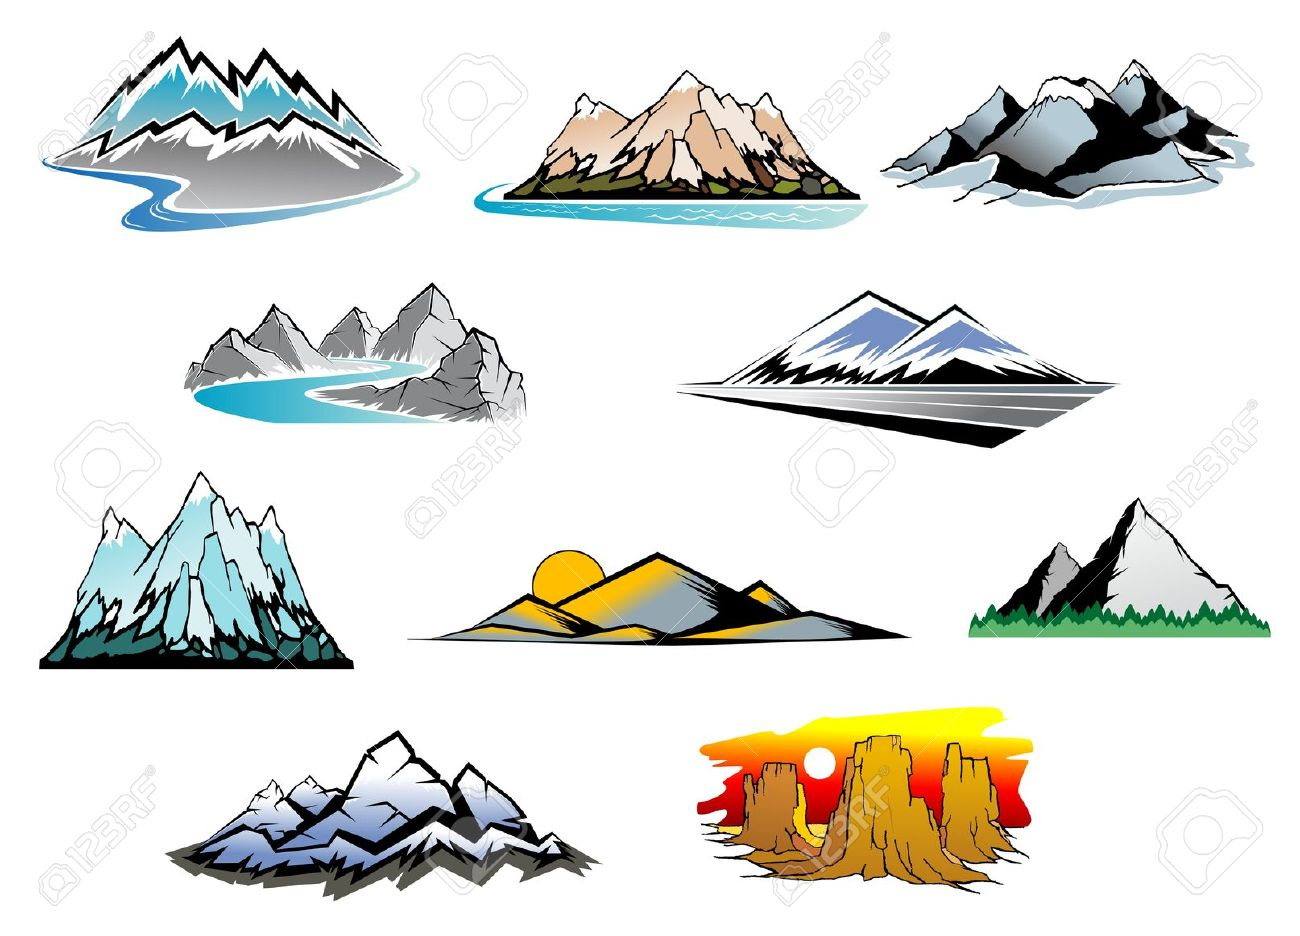 River clipart mountain logo #8